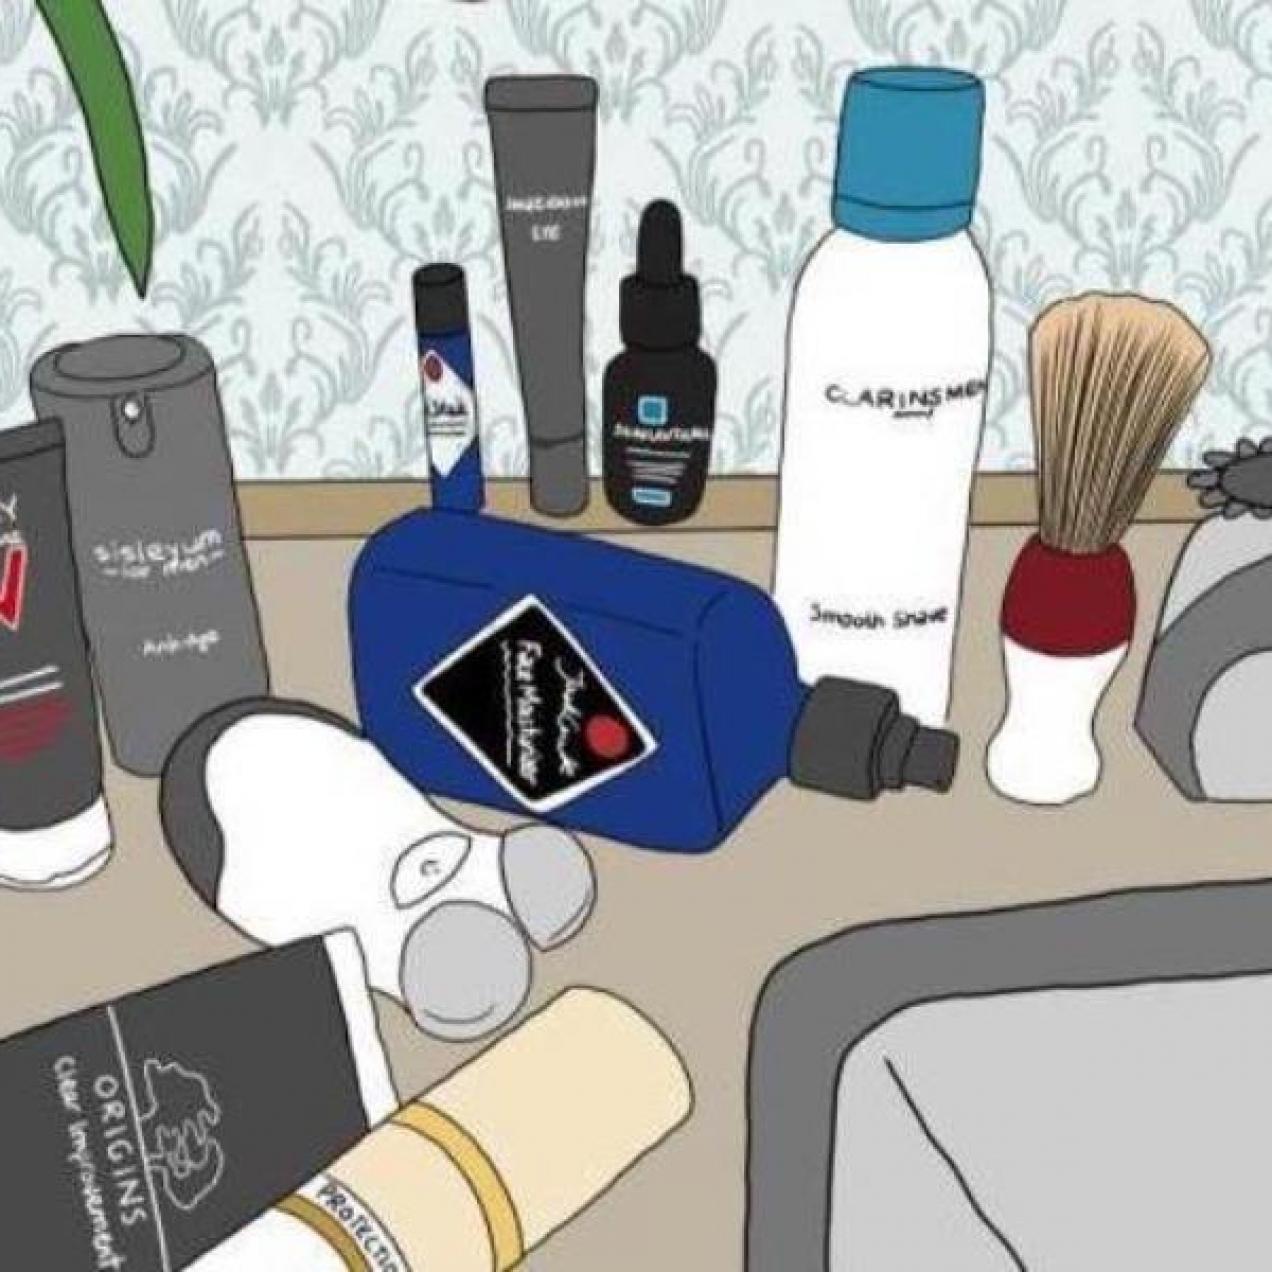 Rutina exuberante: el ritual del grooming